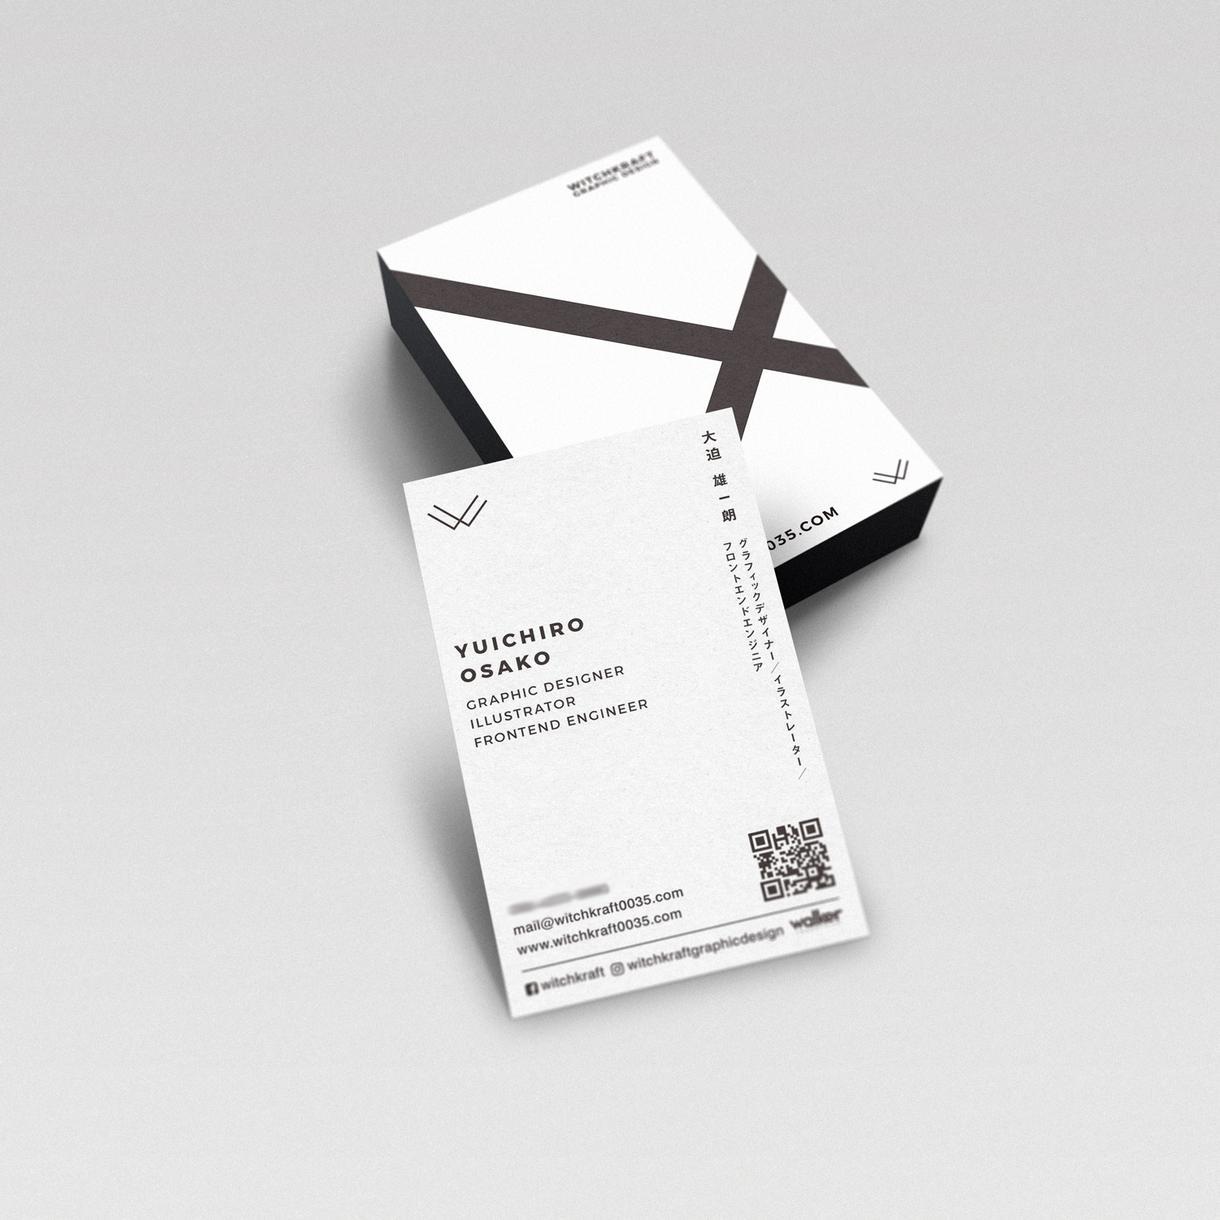 プロデザイナーがクールな名刺を制作します ハイセンスなシンプル名刺(両面)がこのお値段で。 イメージ1